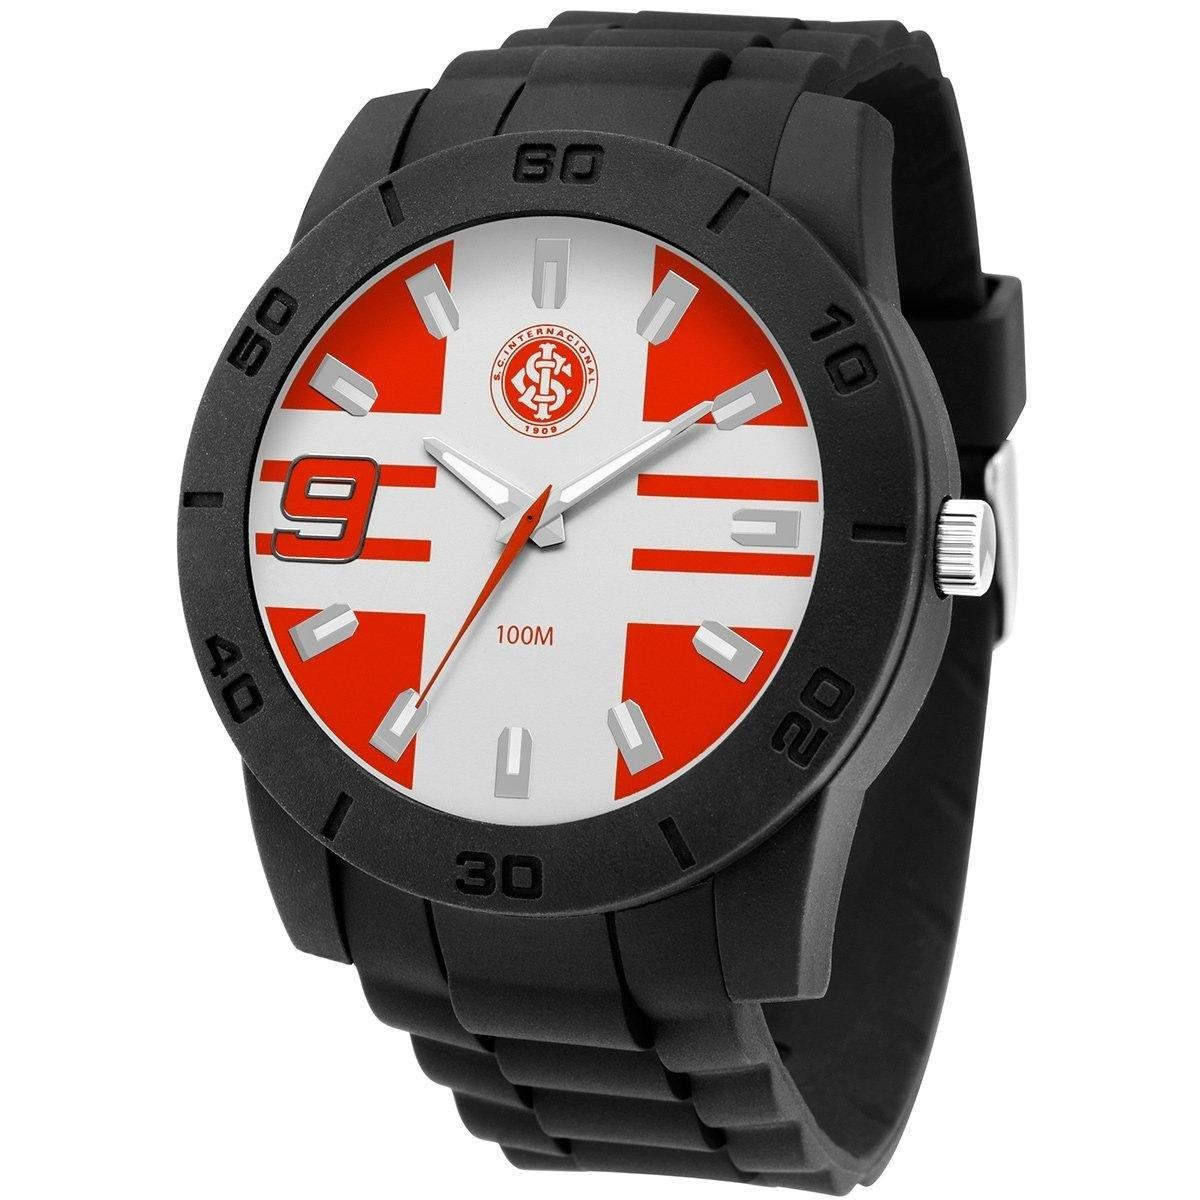 482f9d827fa Relógio Internacional Technos Analógico I - Compre Agora